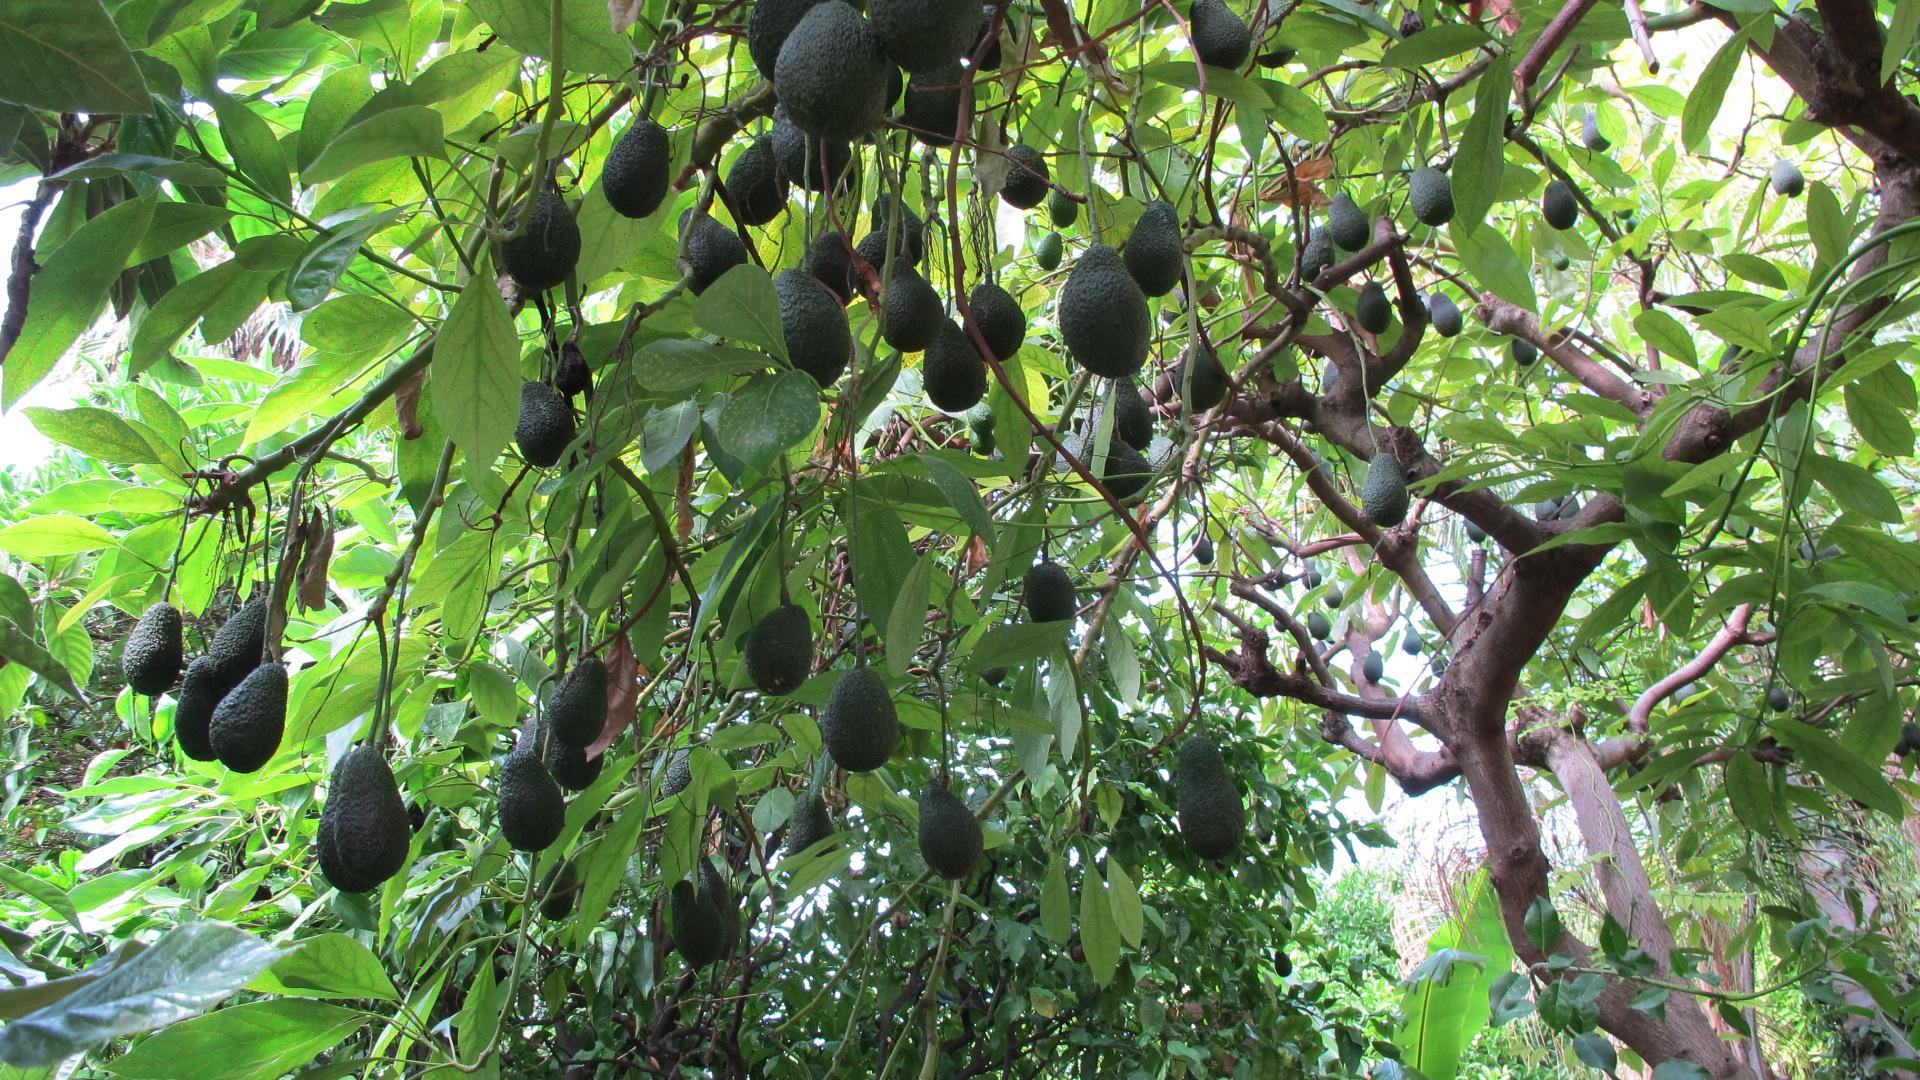 Aventures en permaculture 9 le jardin for t 2 le sauvage - Culture de l avocat ...